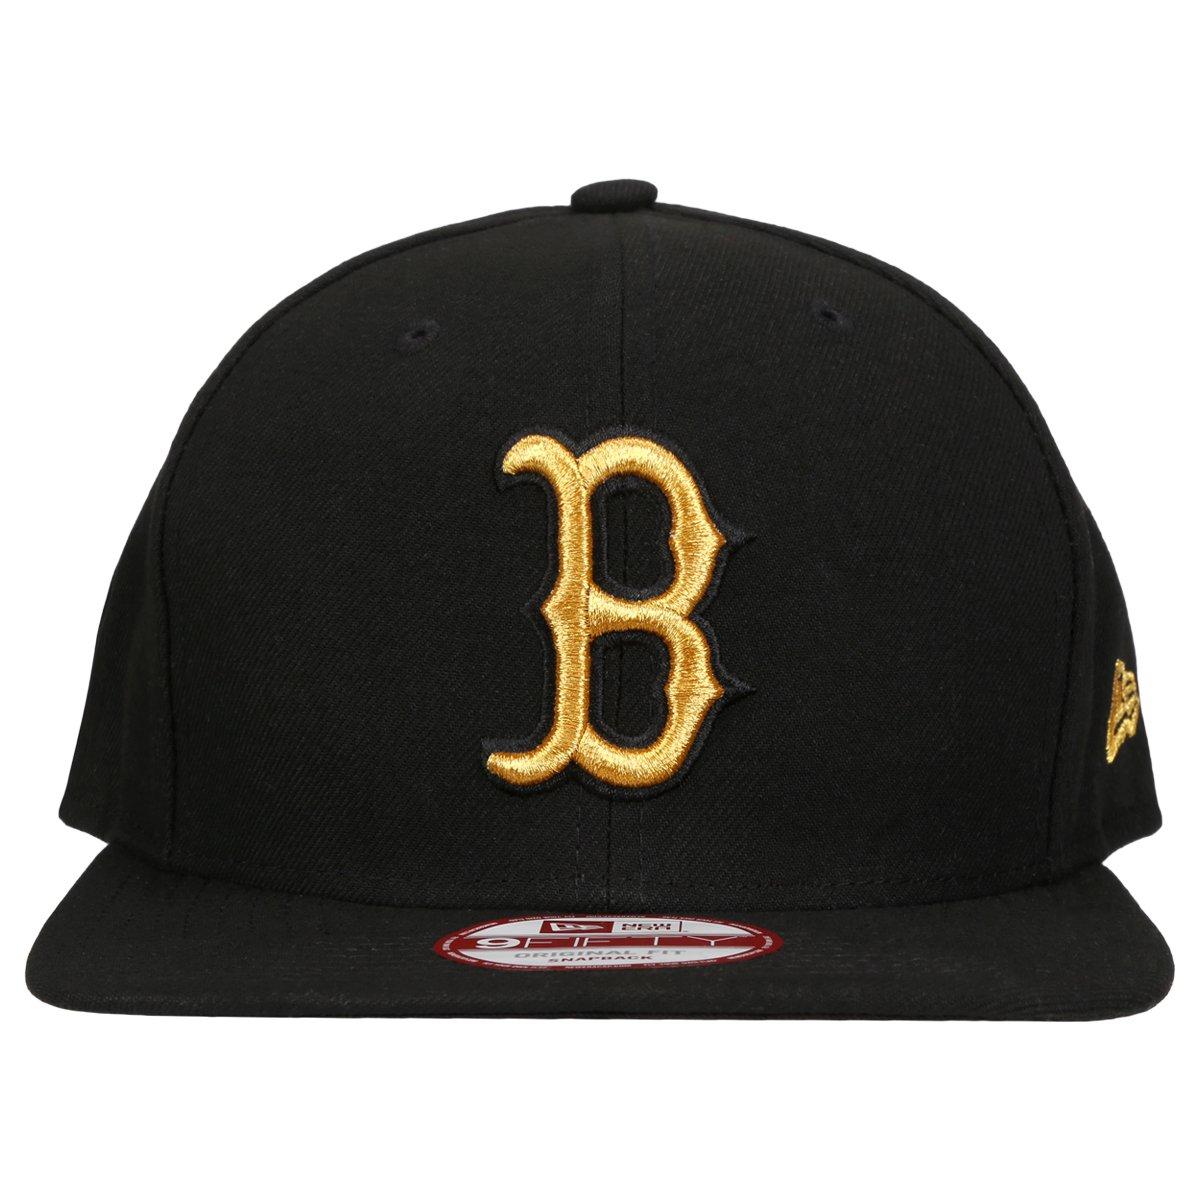 Boné New Era 950 MLB Original Fit Boston Red Sox - Compre Agora ... 91bf9f56683